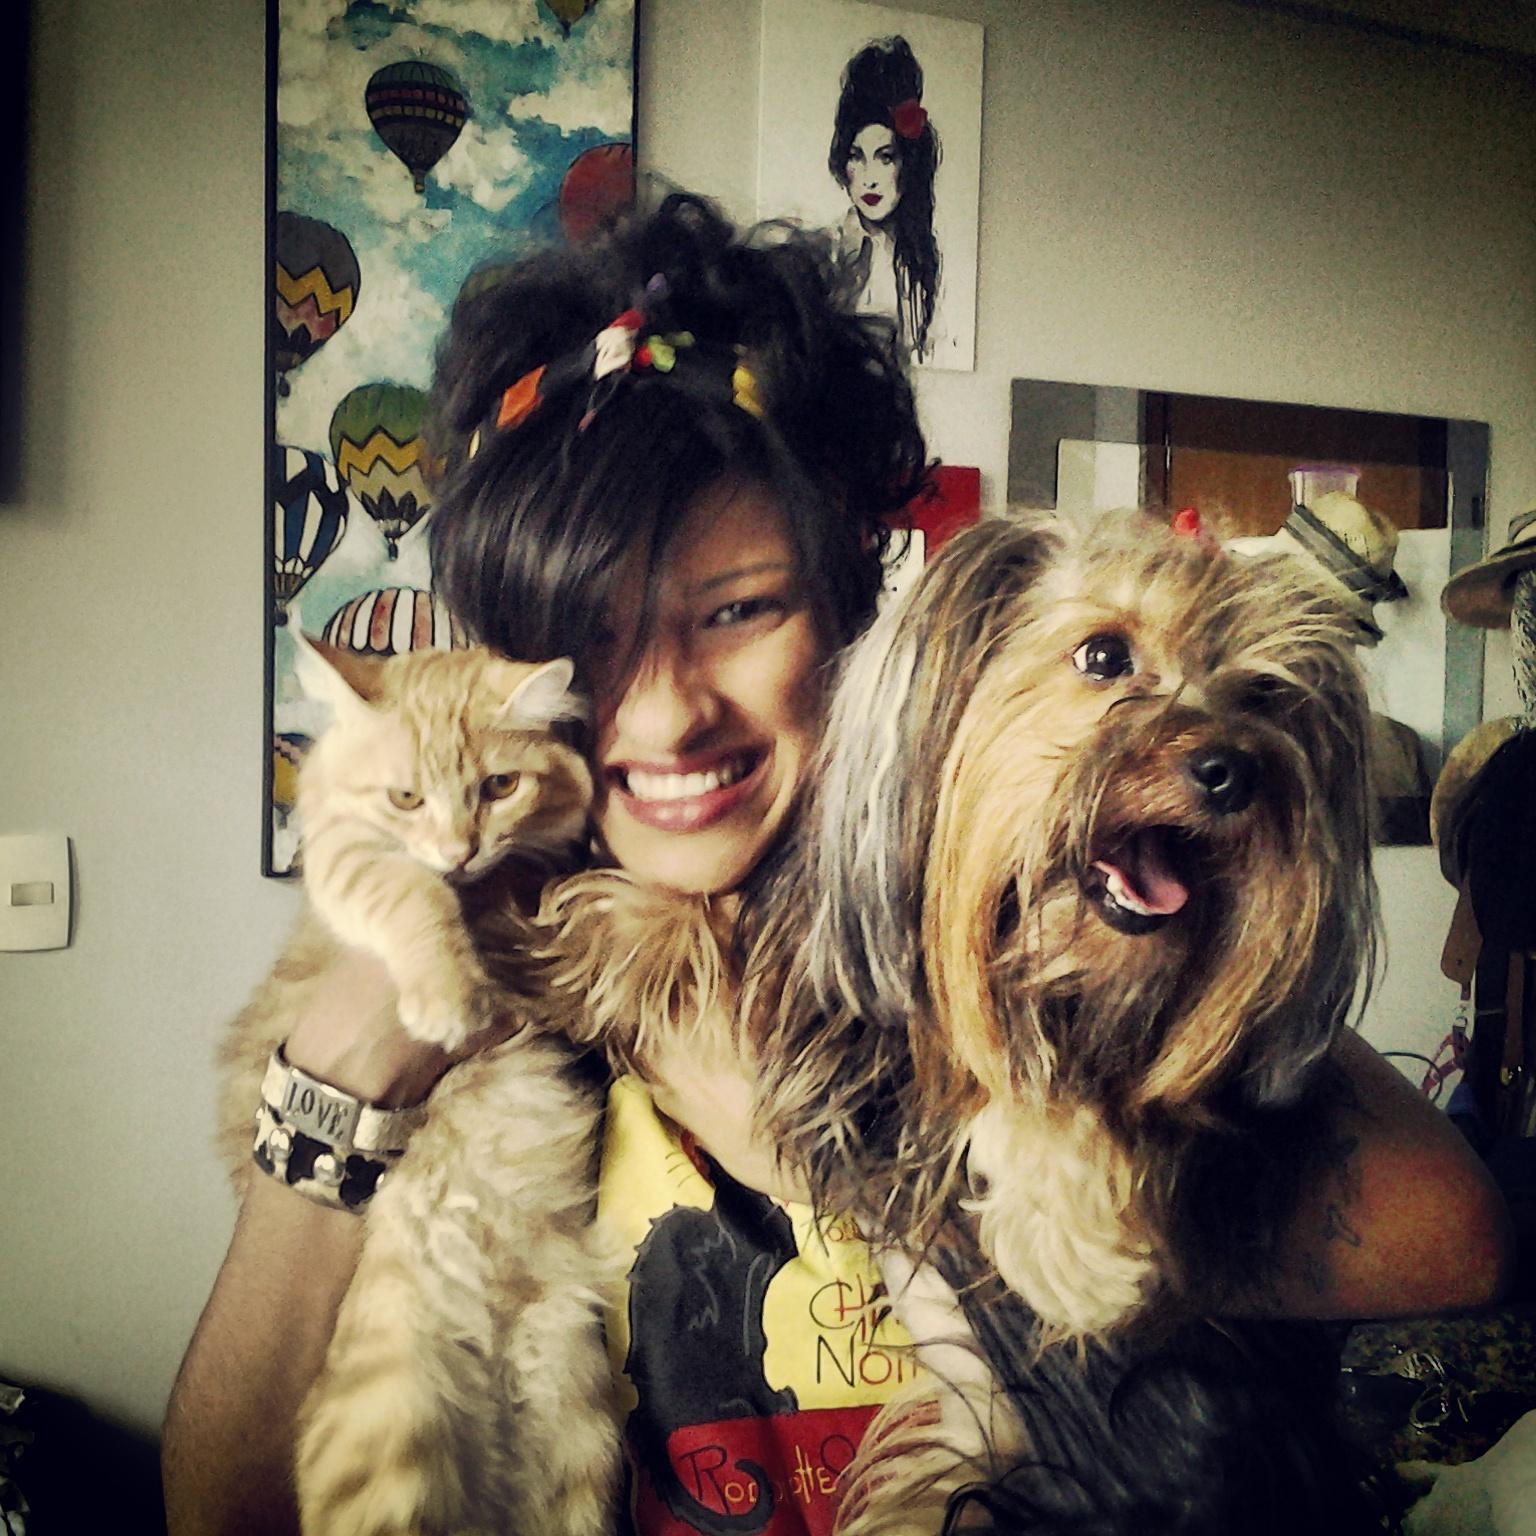 Sobre cães, gatos e amores insanos